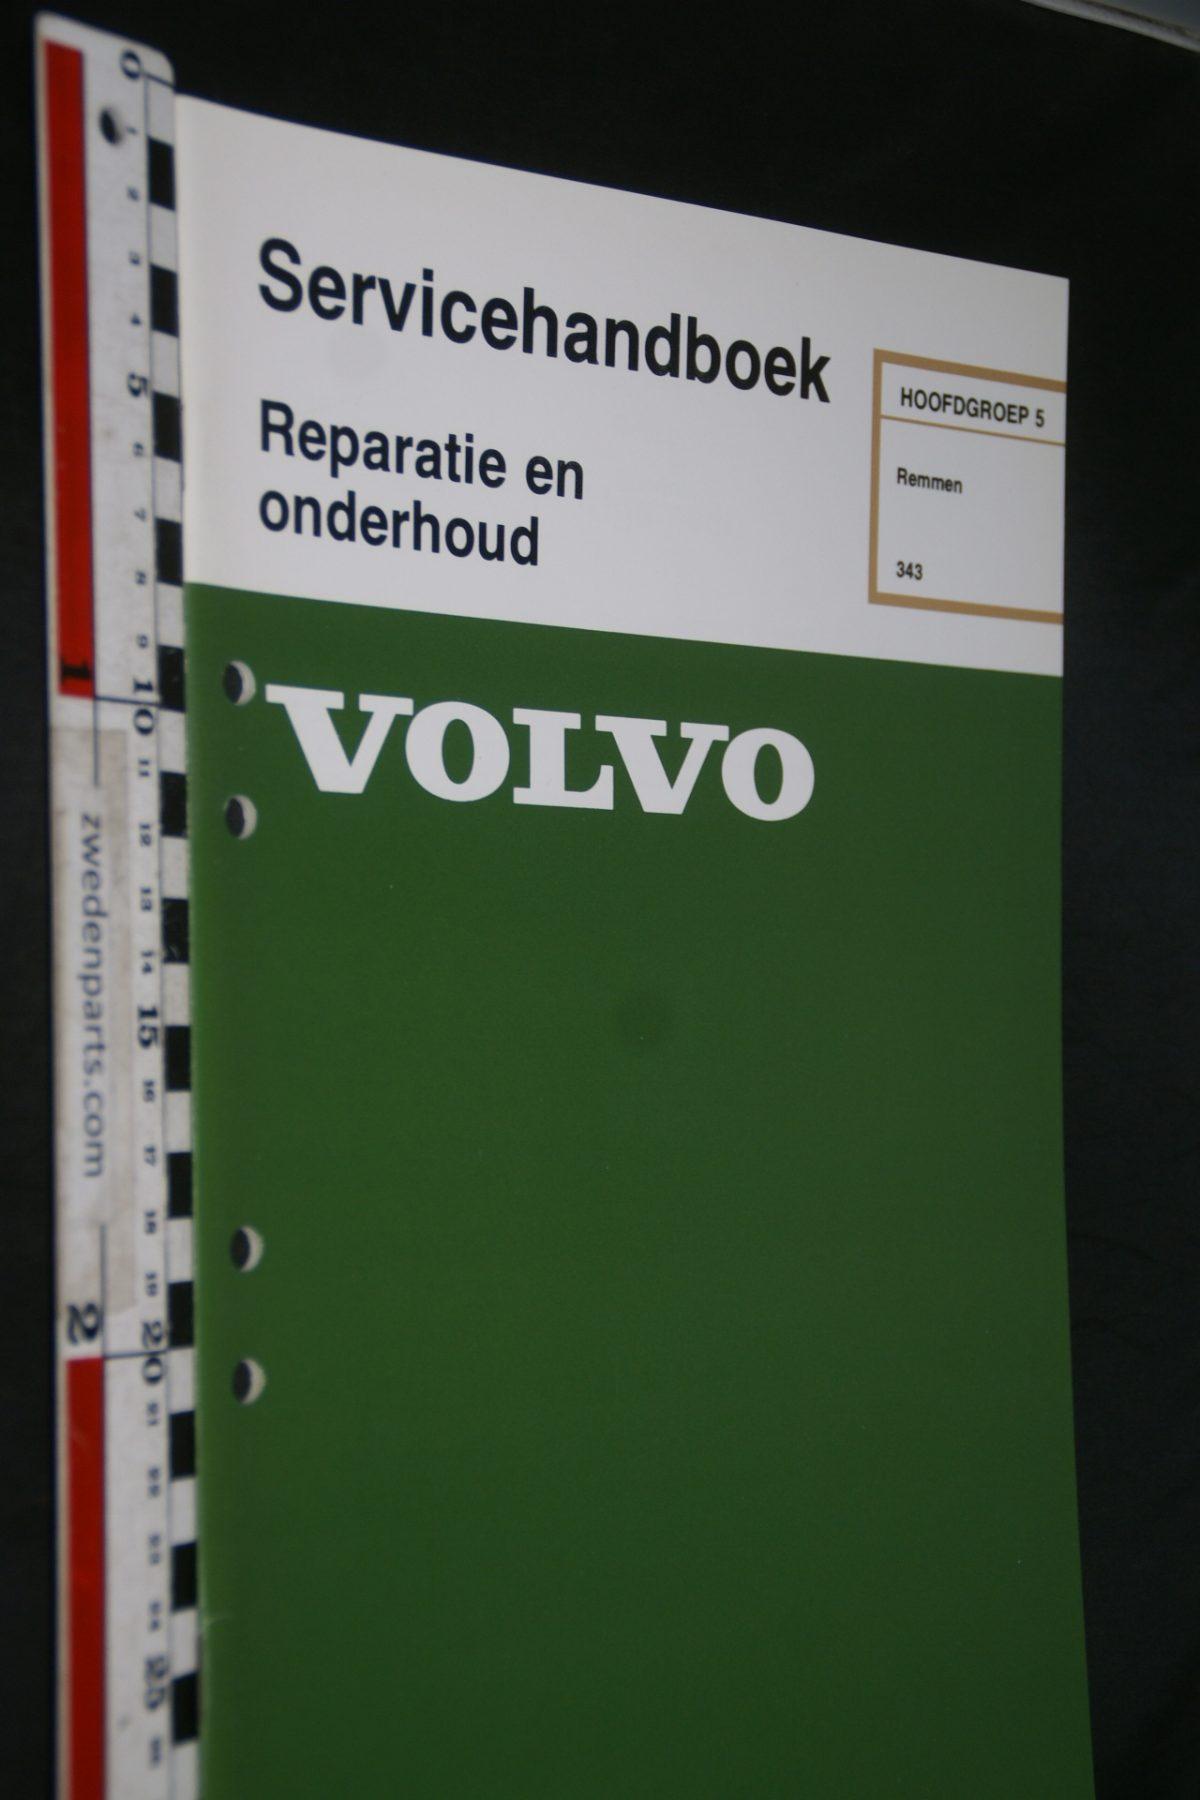 DSC06784 1978 origineel Volvo 343 servicehandboek 5 remmen 1 van 800 TP 12158-1